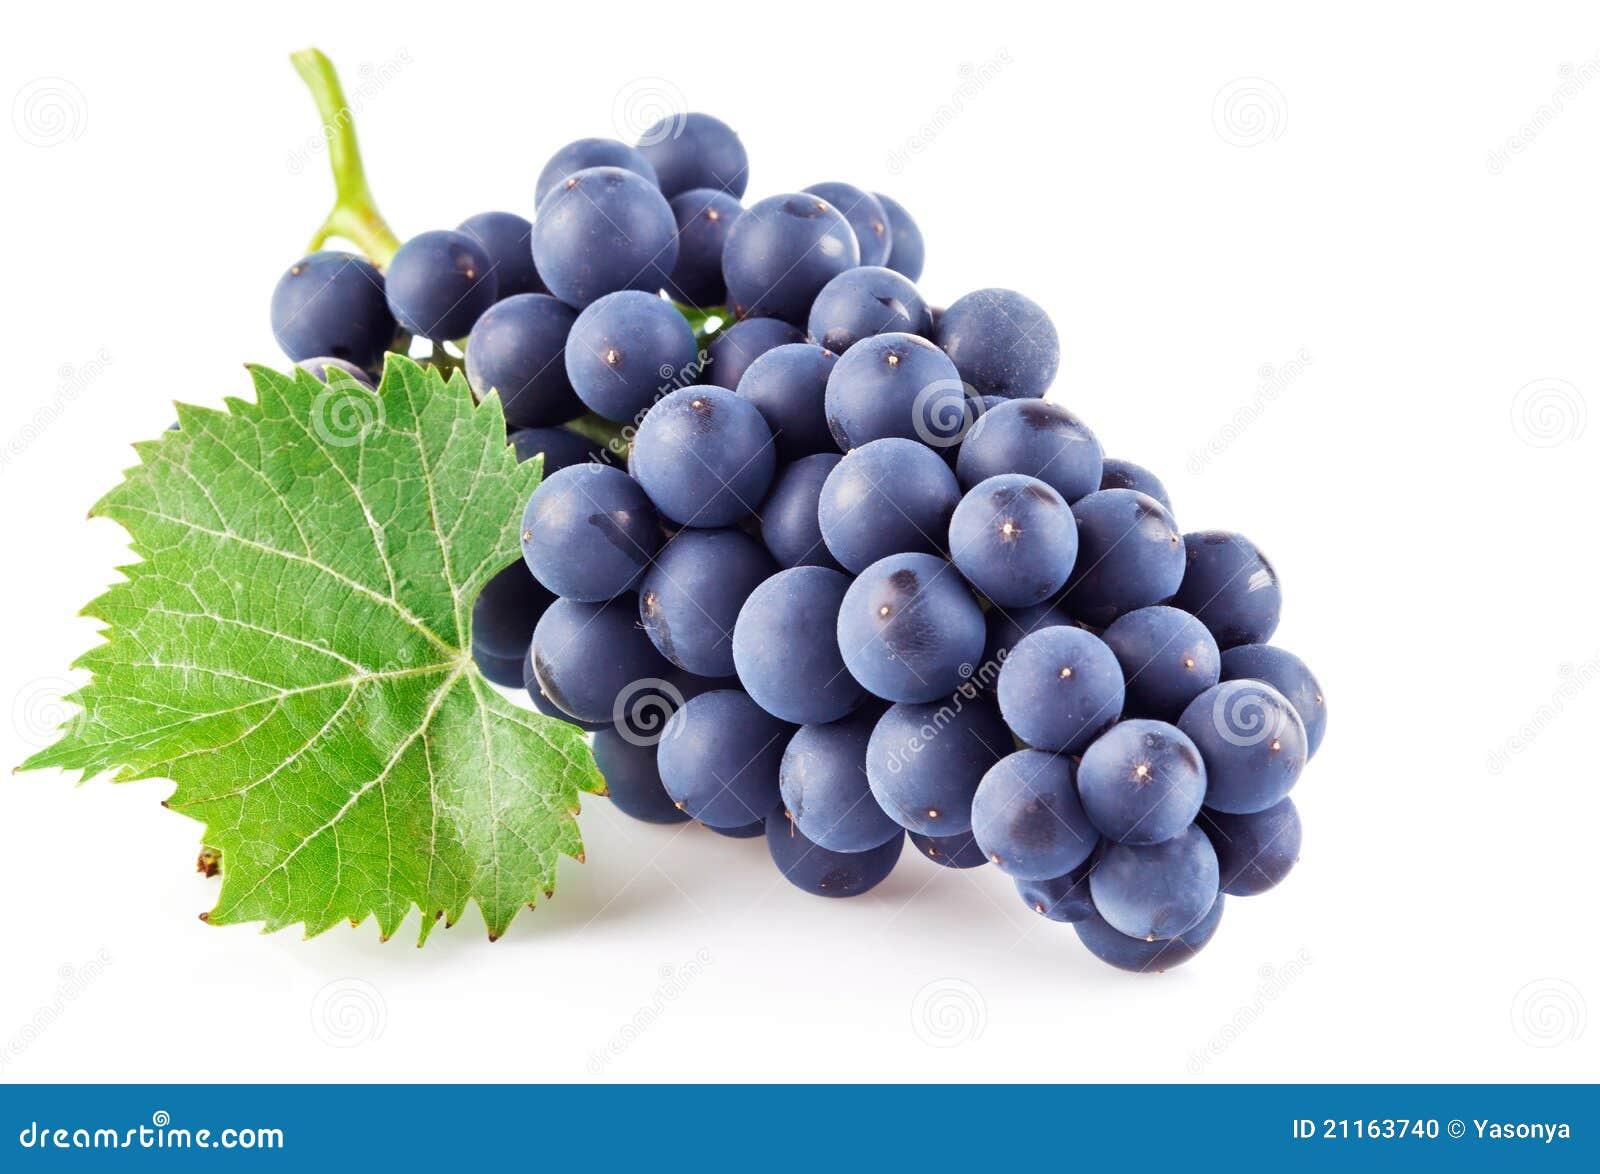 Bilder Blaue Weintrauben ~ Blaue Trauben Mit Grünem Blatt Stockfoto  Bild 21163740